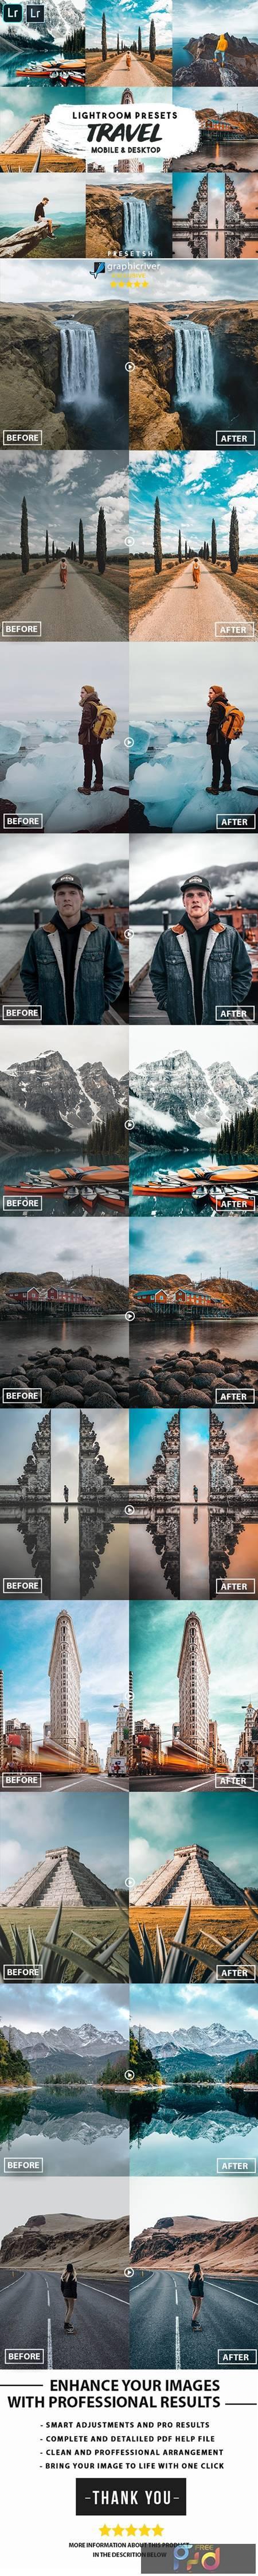 Travel insta Lightroom Presets Mobile & Desktop 26436169 1